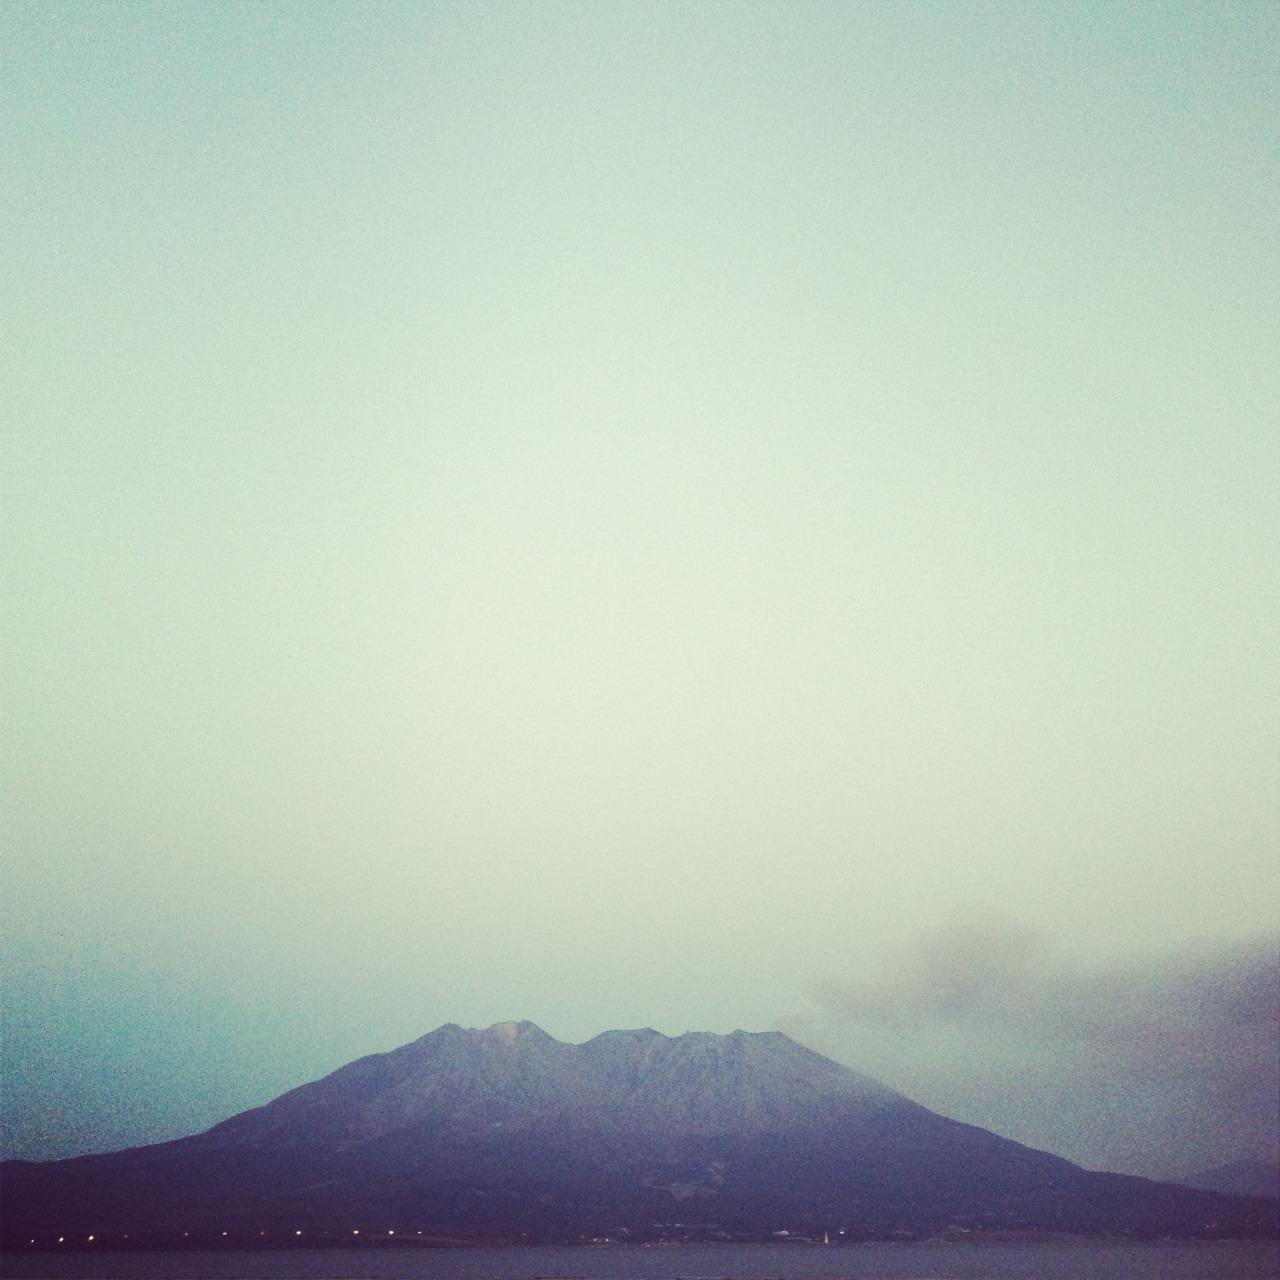 Sakurajima: one of the major active volcanoes in Japan.